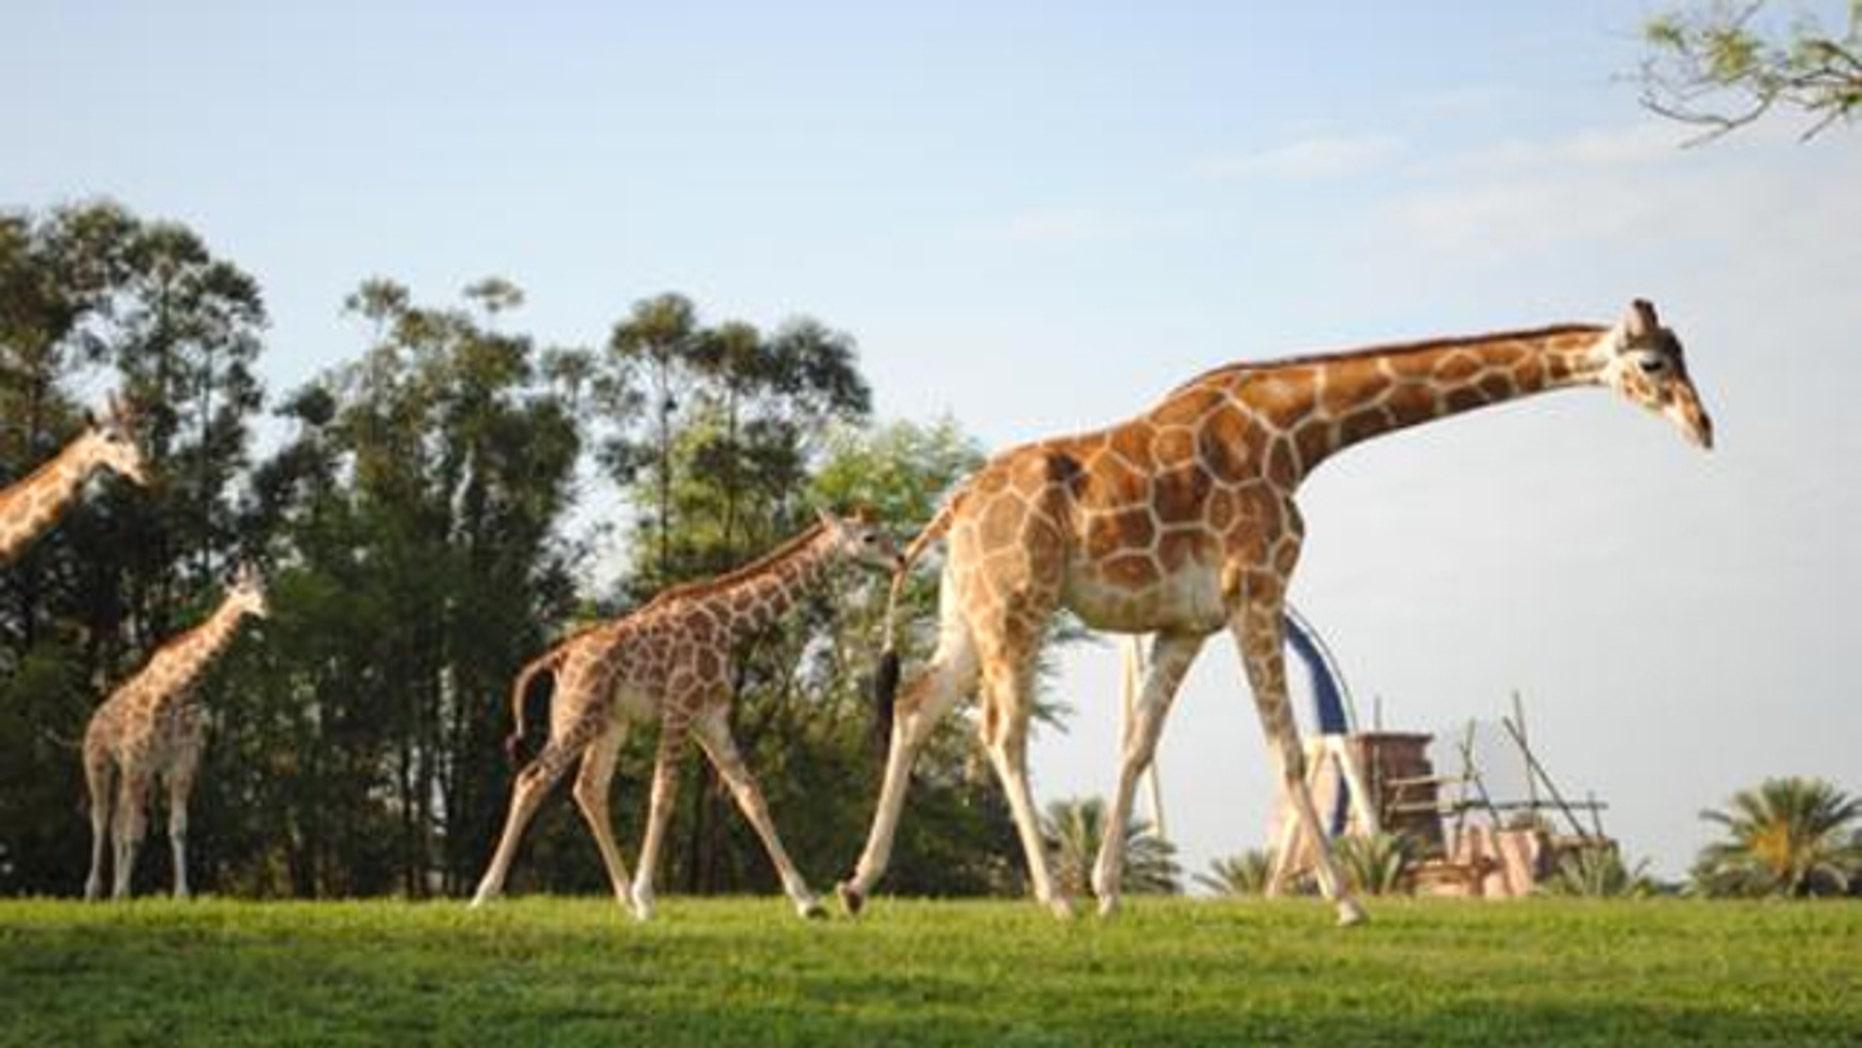 Cofi the Giraffe at Busch Gardens